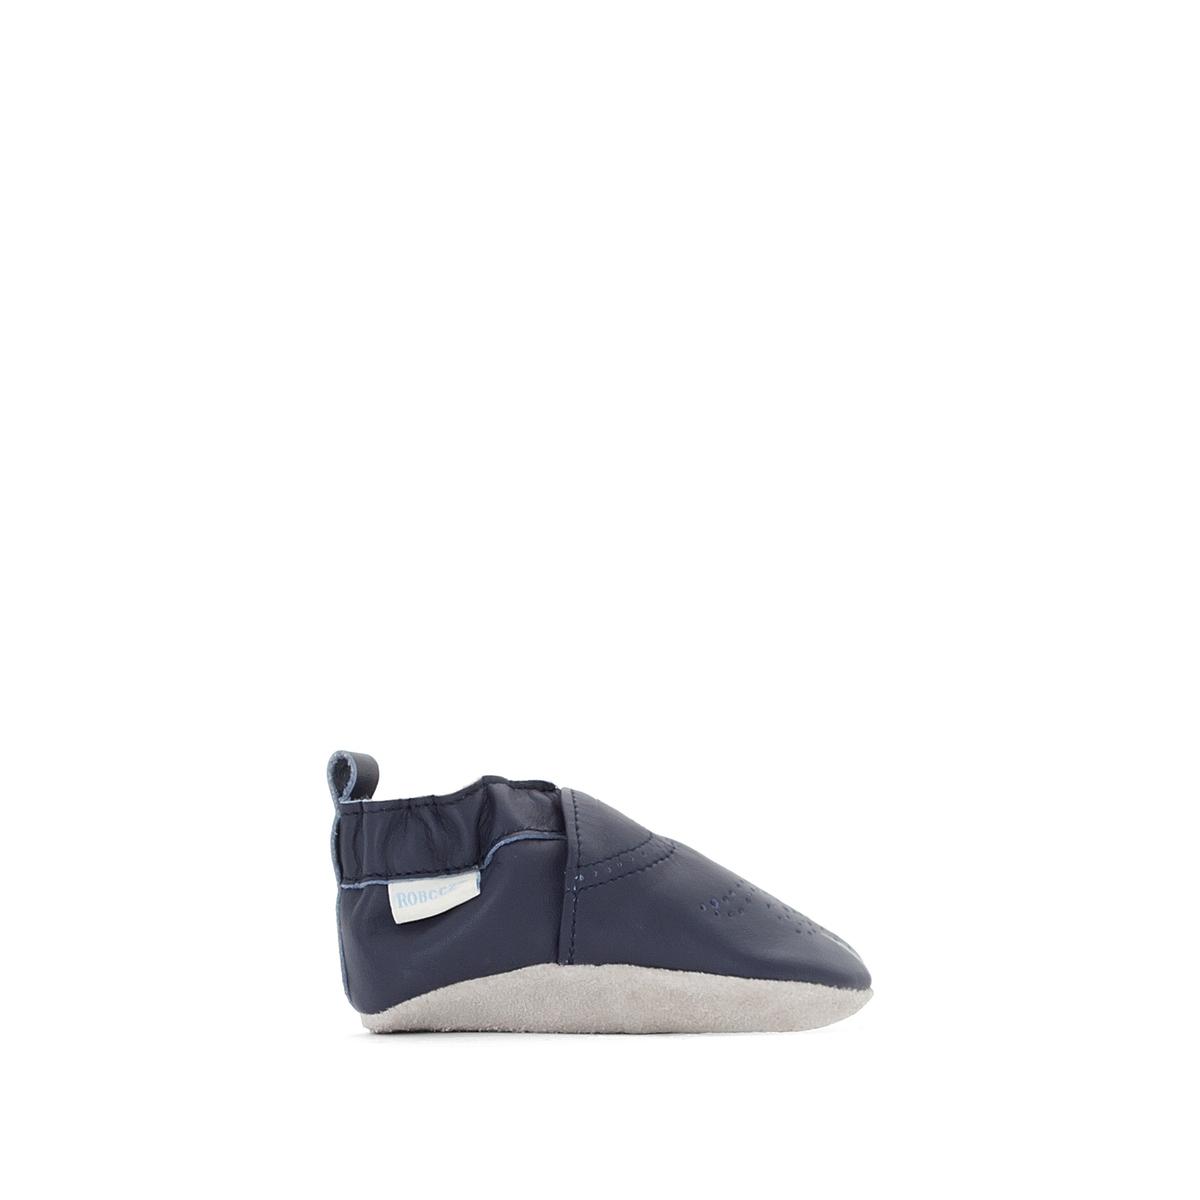 Туфли кожаные Chic &amp; SmartОписание:Детали •  Тапки в виде носков •  Застежка: без застежкиСостав и уход •  Верх 100 % кожа •  Подкладка 100 % текстиль •  Стелька 100 % кожа •  Подошва 100 % кожа<br><br>Цвет: розовый,синий морской<br>Размер: 19/20